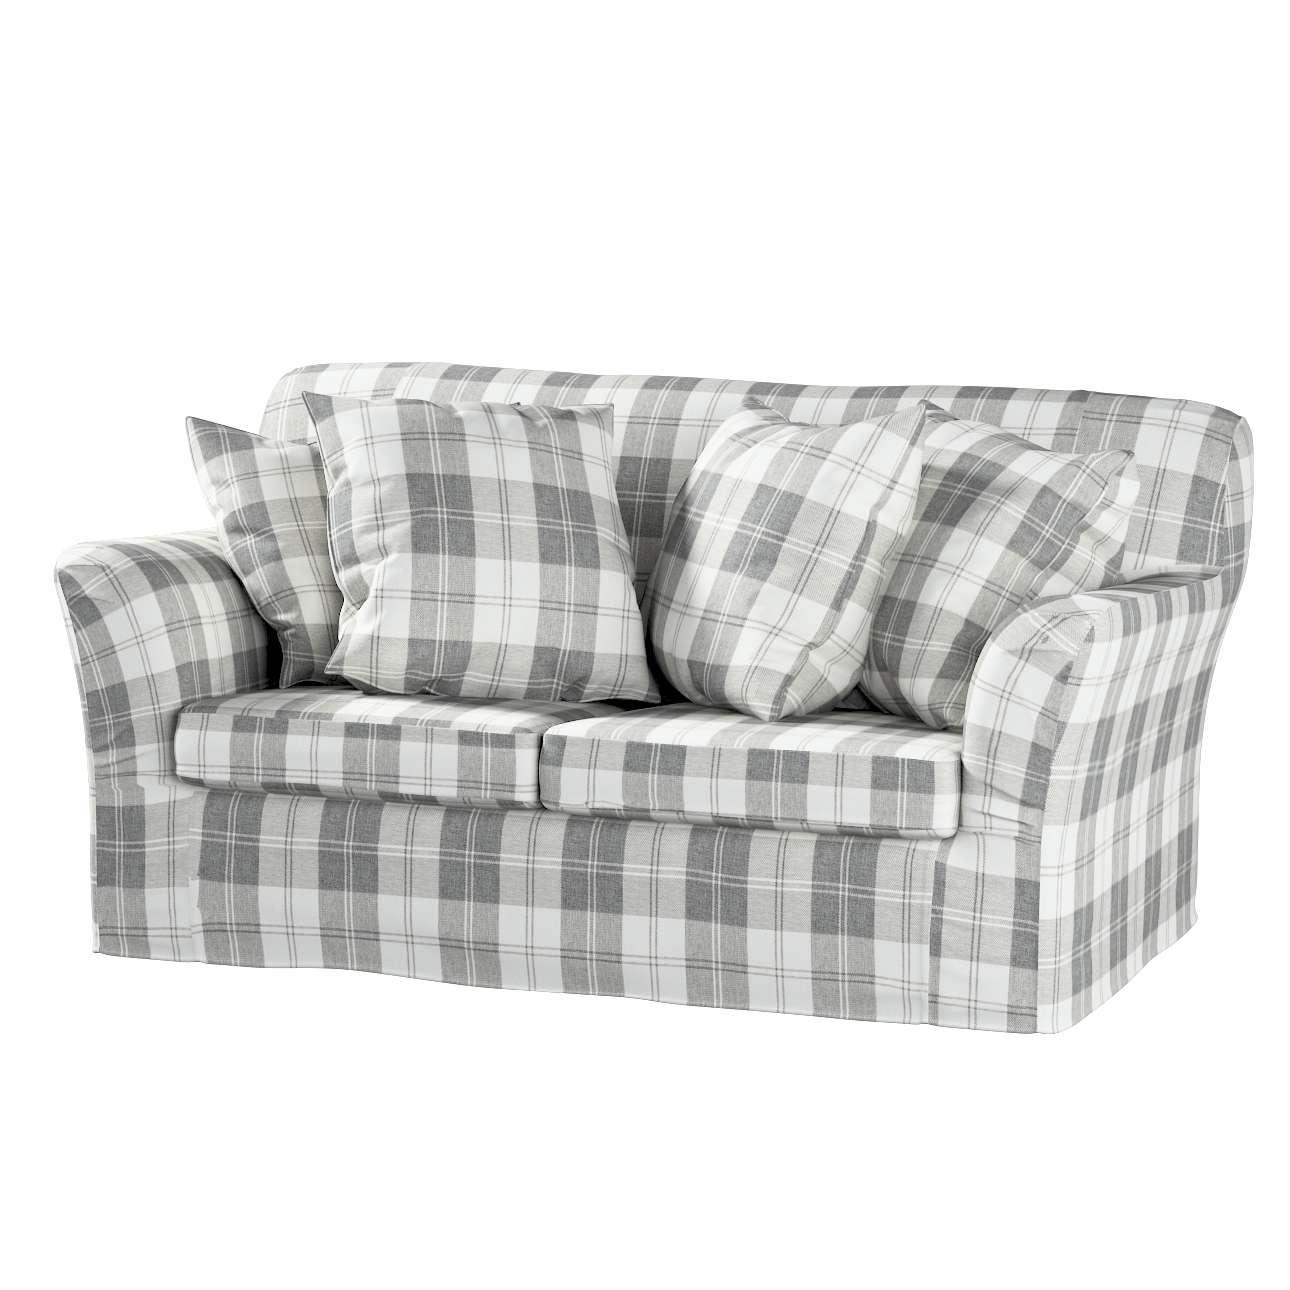 TOMELILLA  dvivietės sofos užvalkalas TOMELILLA dvivietė sofa kolekcijoje Edinburgh , audinys: 115-79